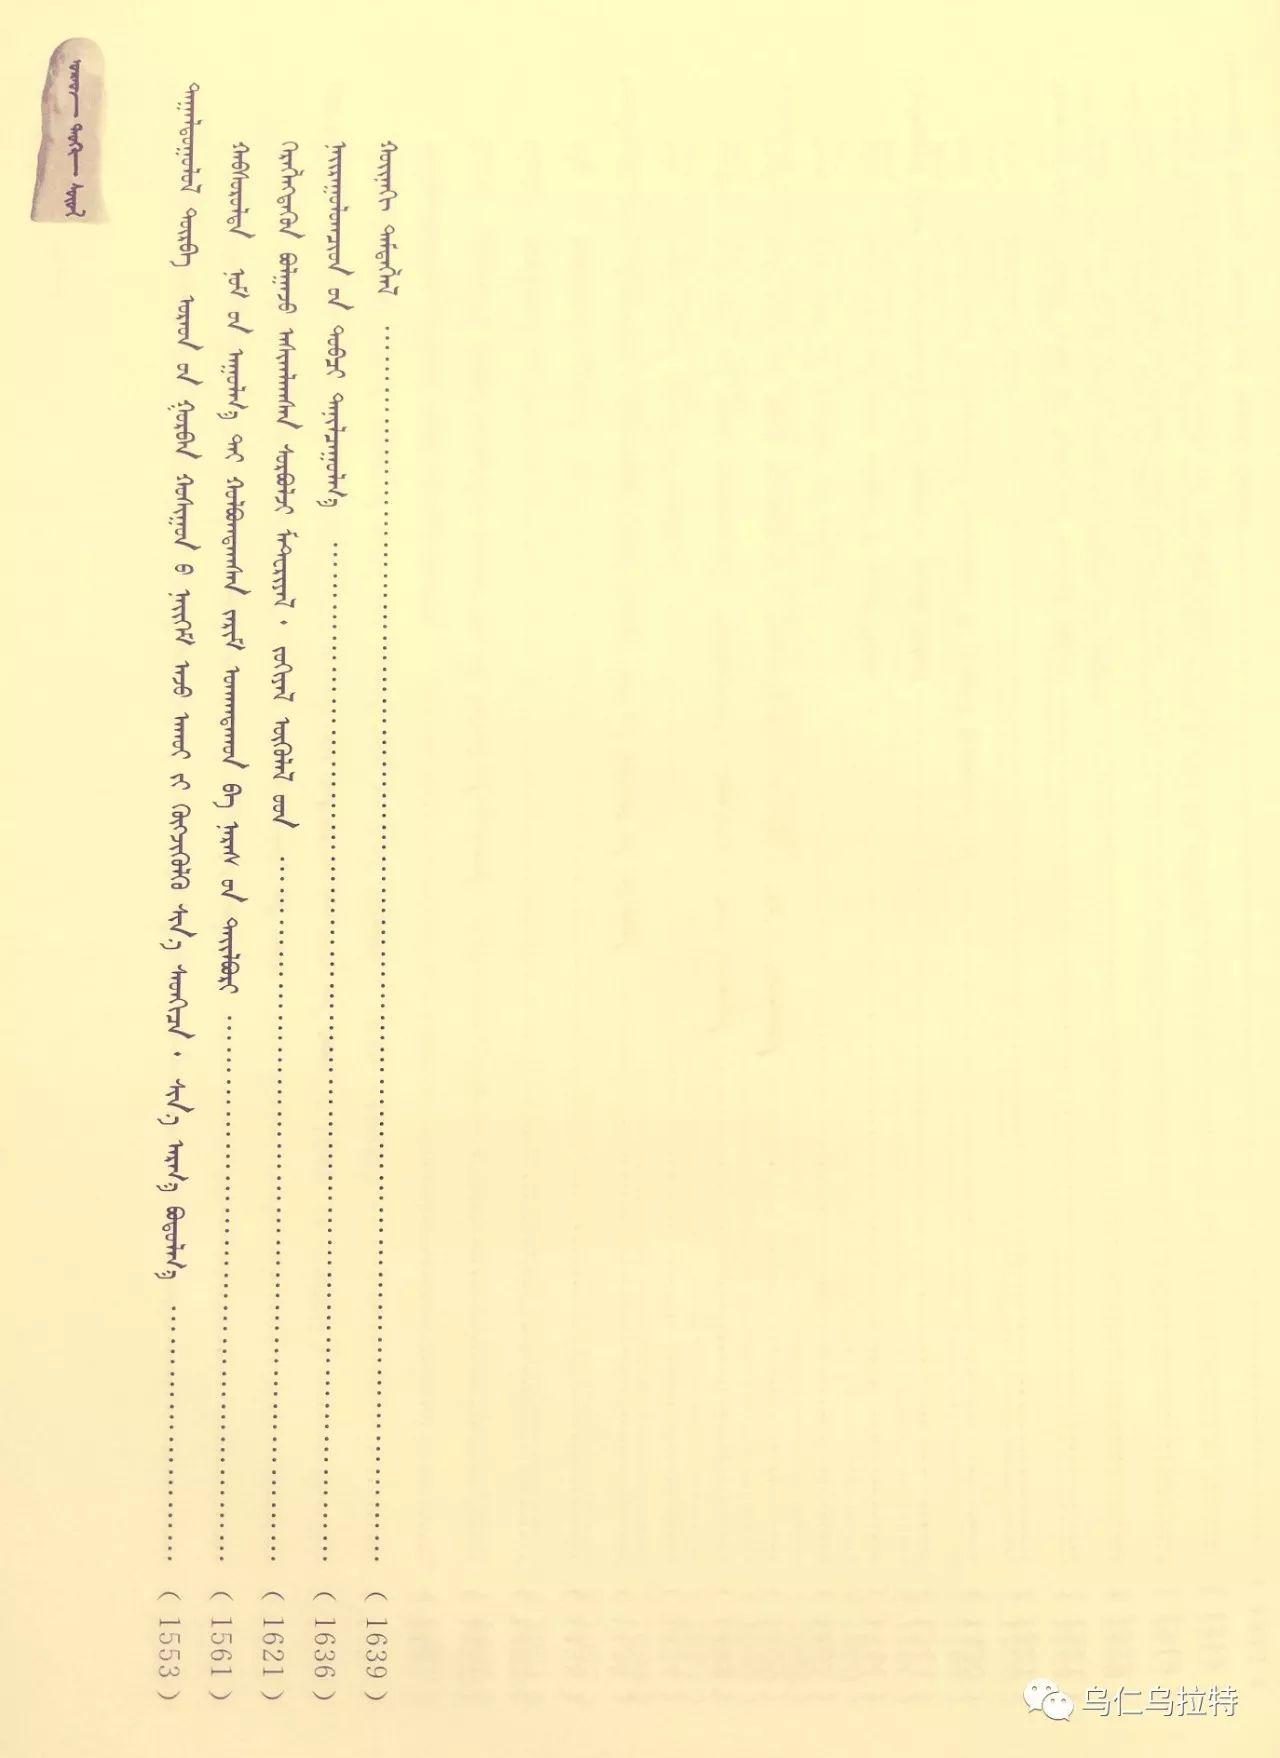 图书介绍《乌拉特历史文化》 第30张